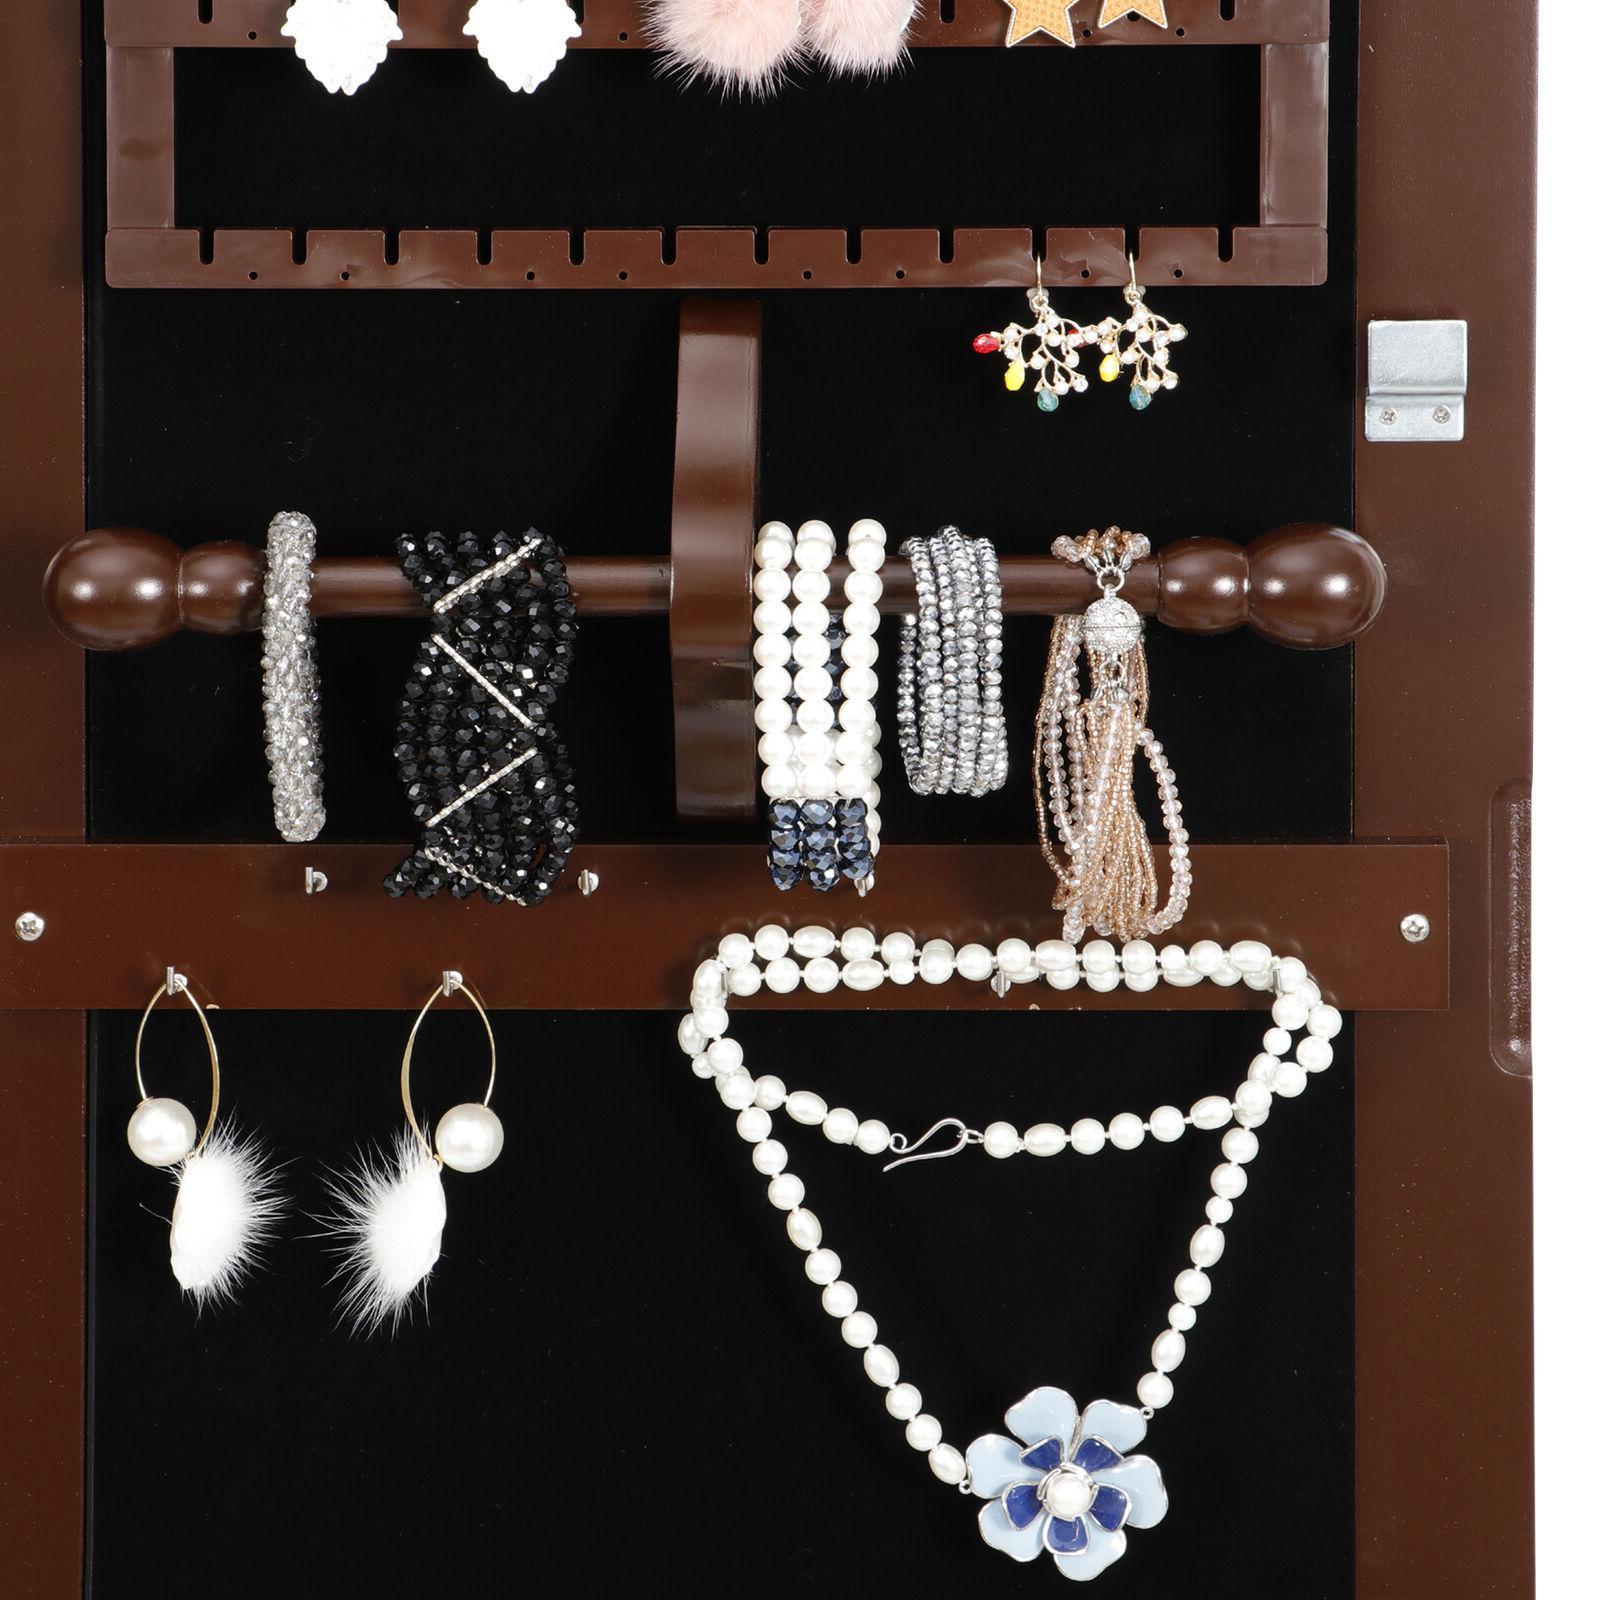 Mounted Jewelry Cabinet Box Organizer